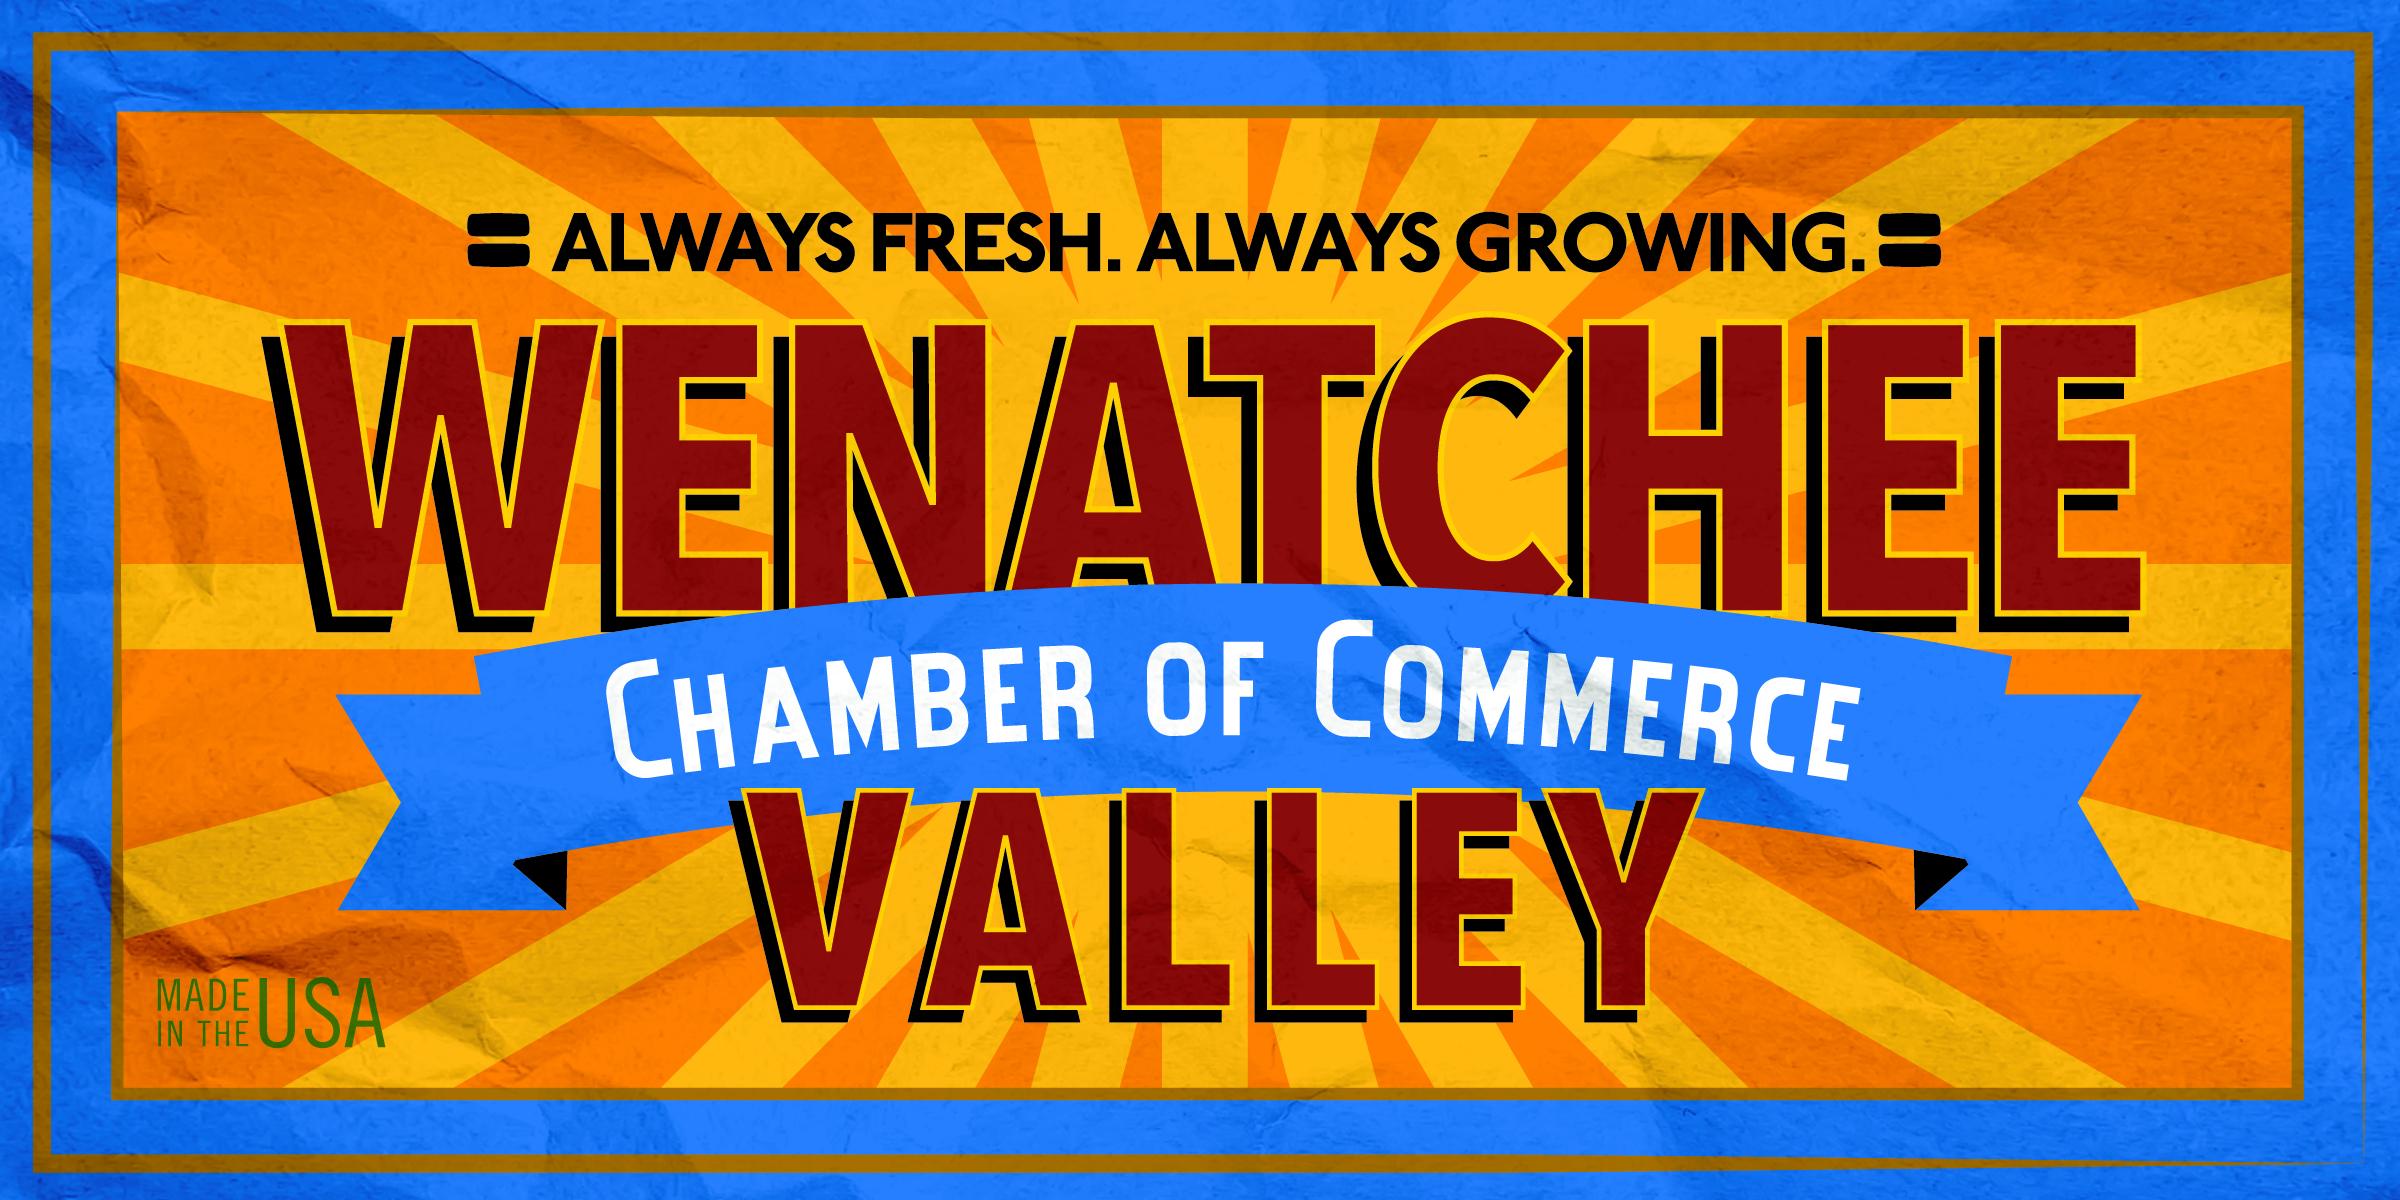 Wenatchee chamber of commerce.jpg